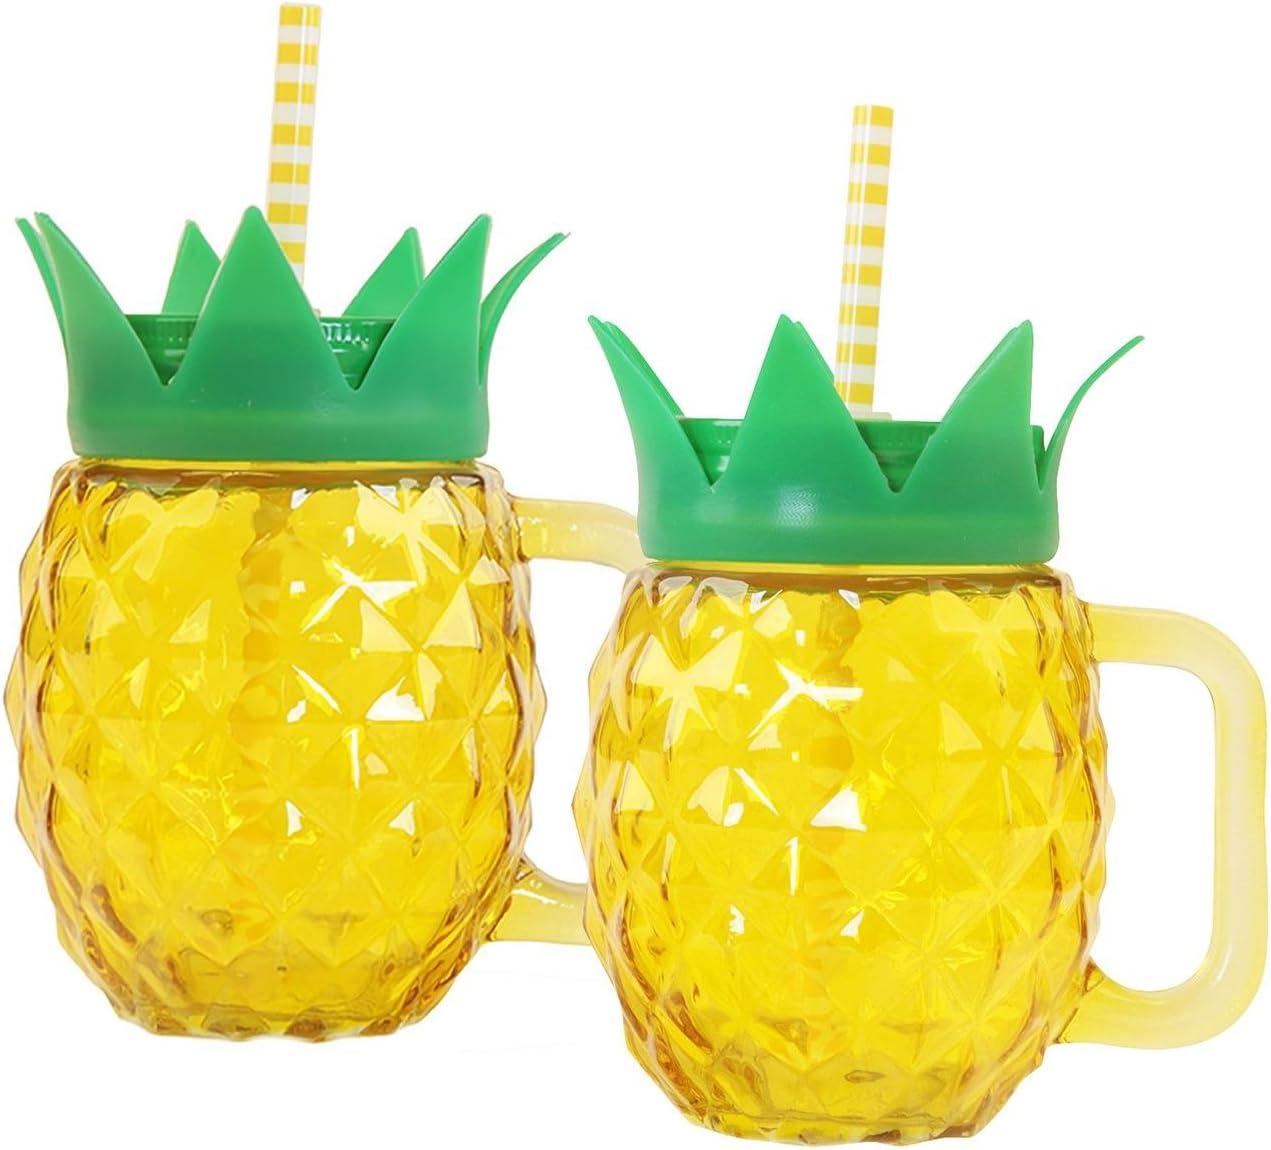 Set de 2 Vasos/Jarras de vidrio en forma de Piña con Asa y ...